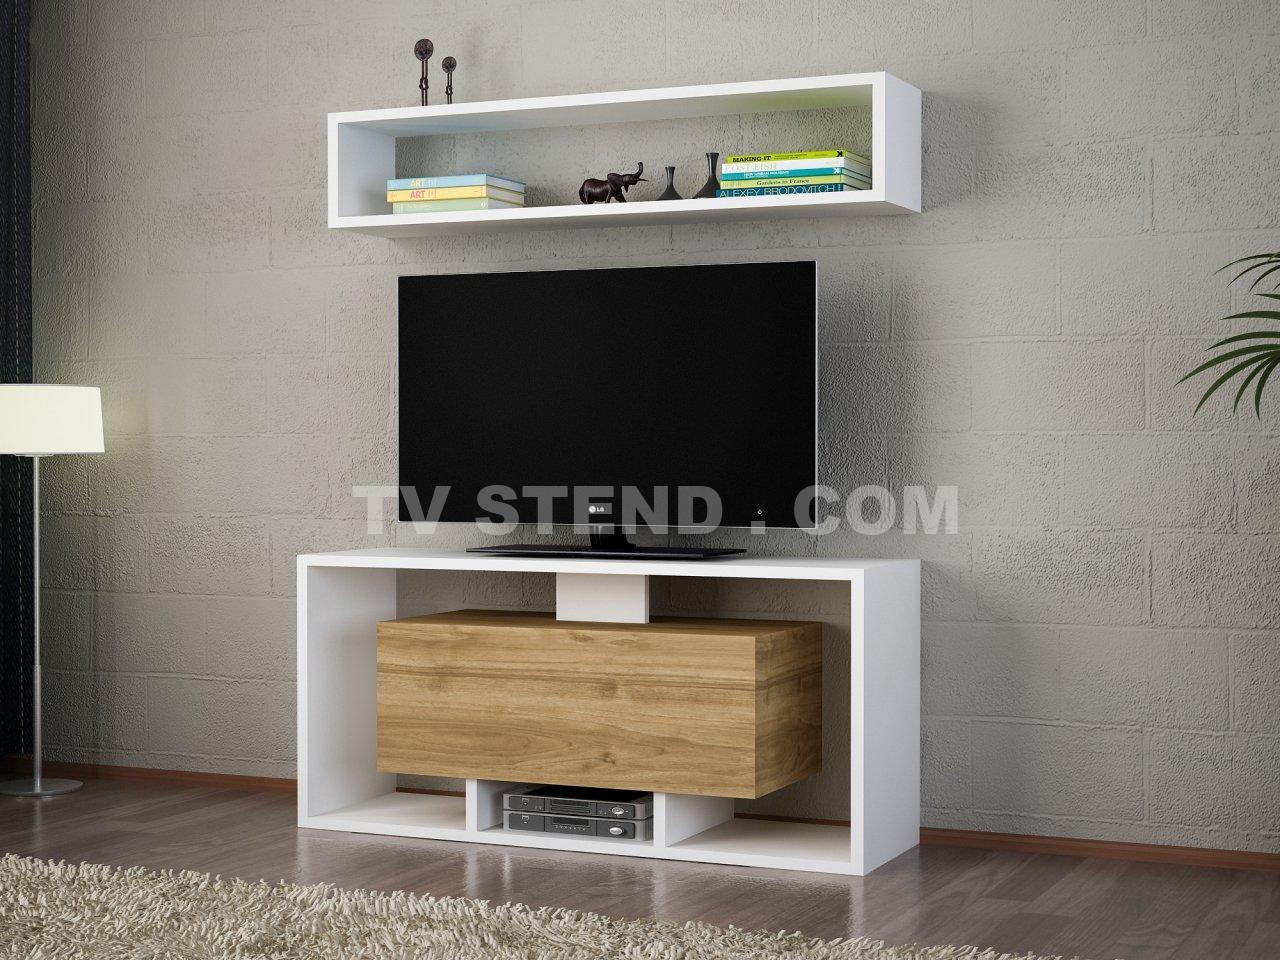 Derya tv stendler